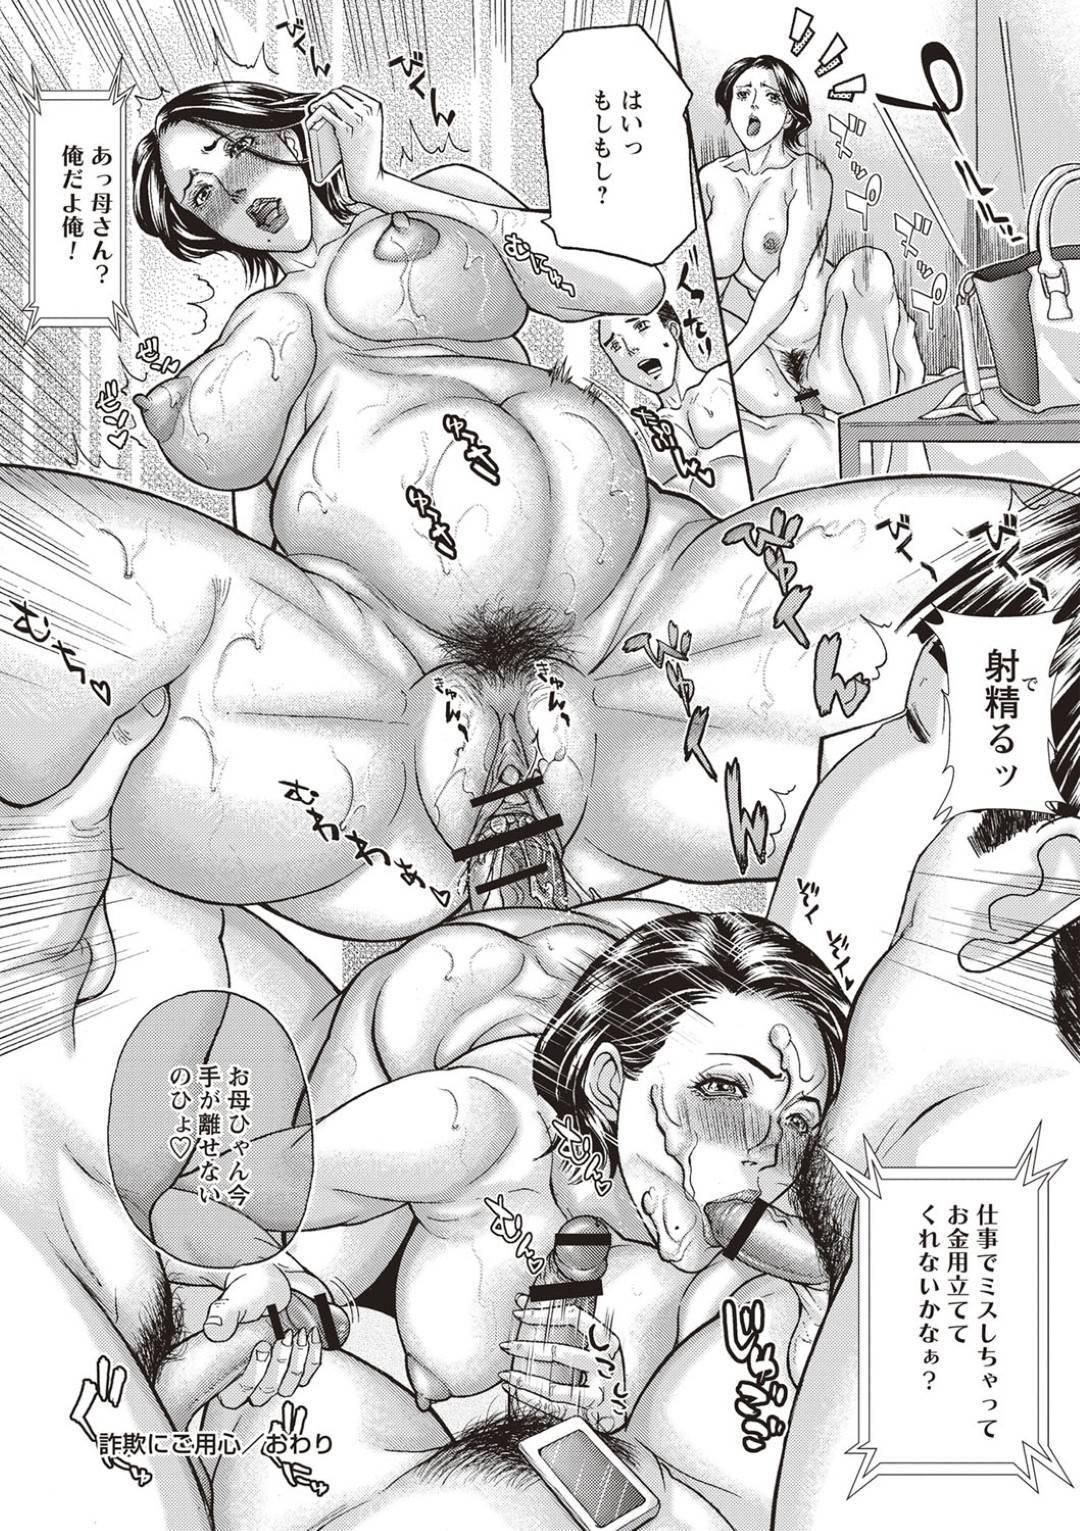 【エロ漫画】悪質な男たちに騙されてしまったムチムチ熟女母…言いなりとなった彼女は男たちと乱交セックスする羽目になる!